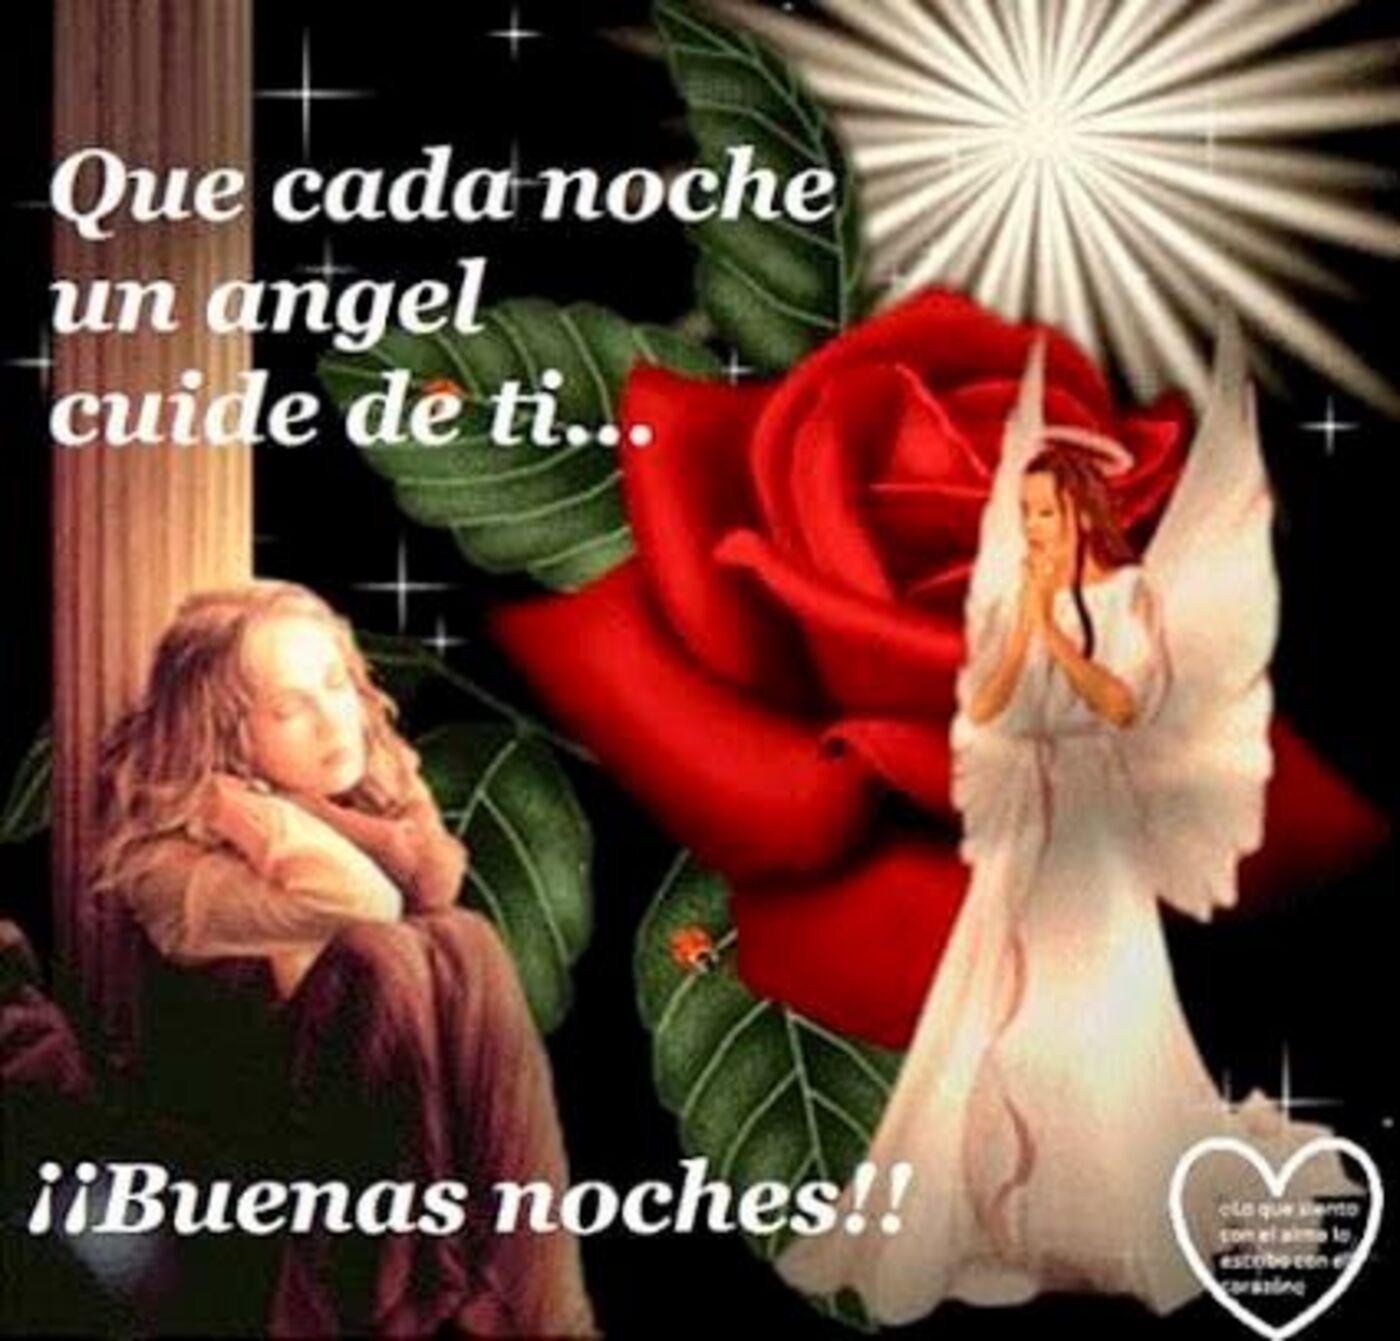 Que cada noche un ángel cuide de ti...Buenas noches